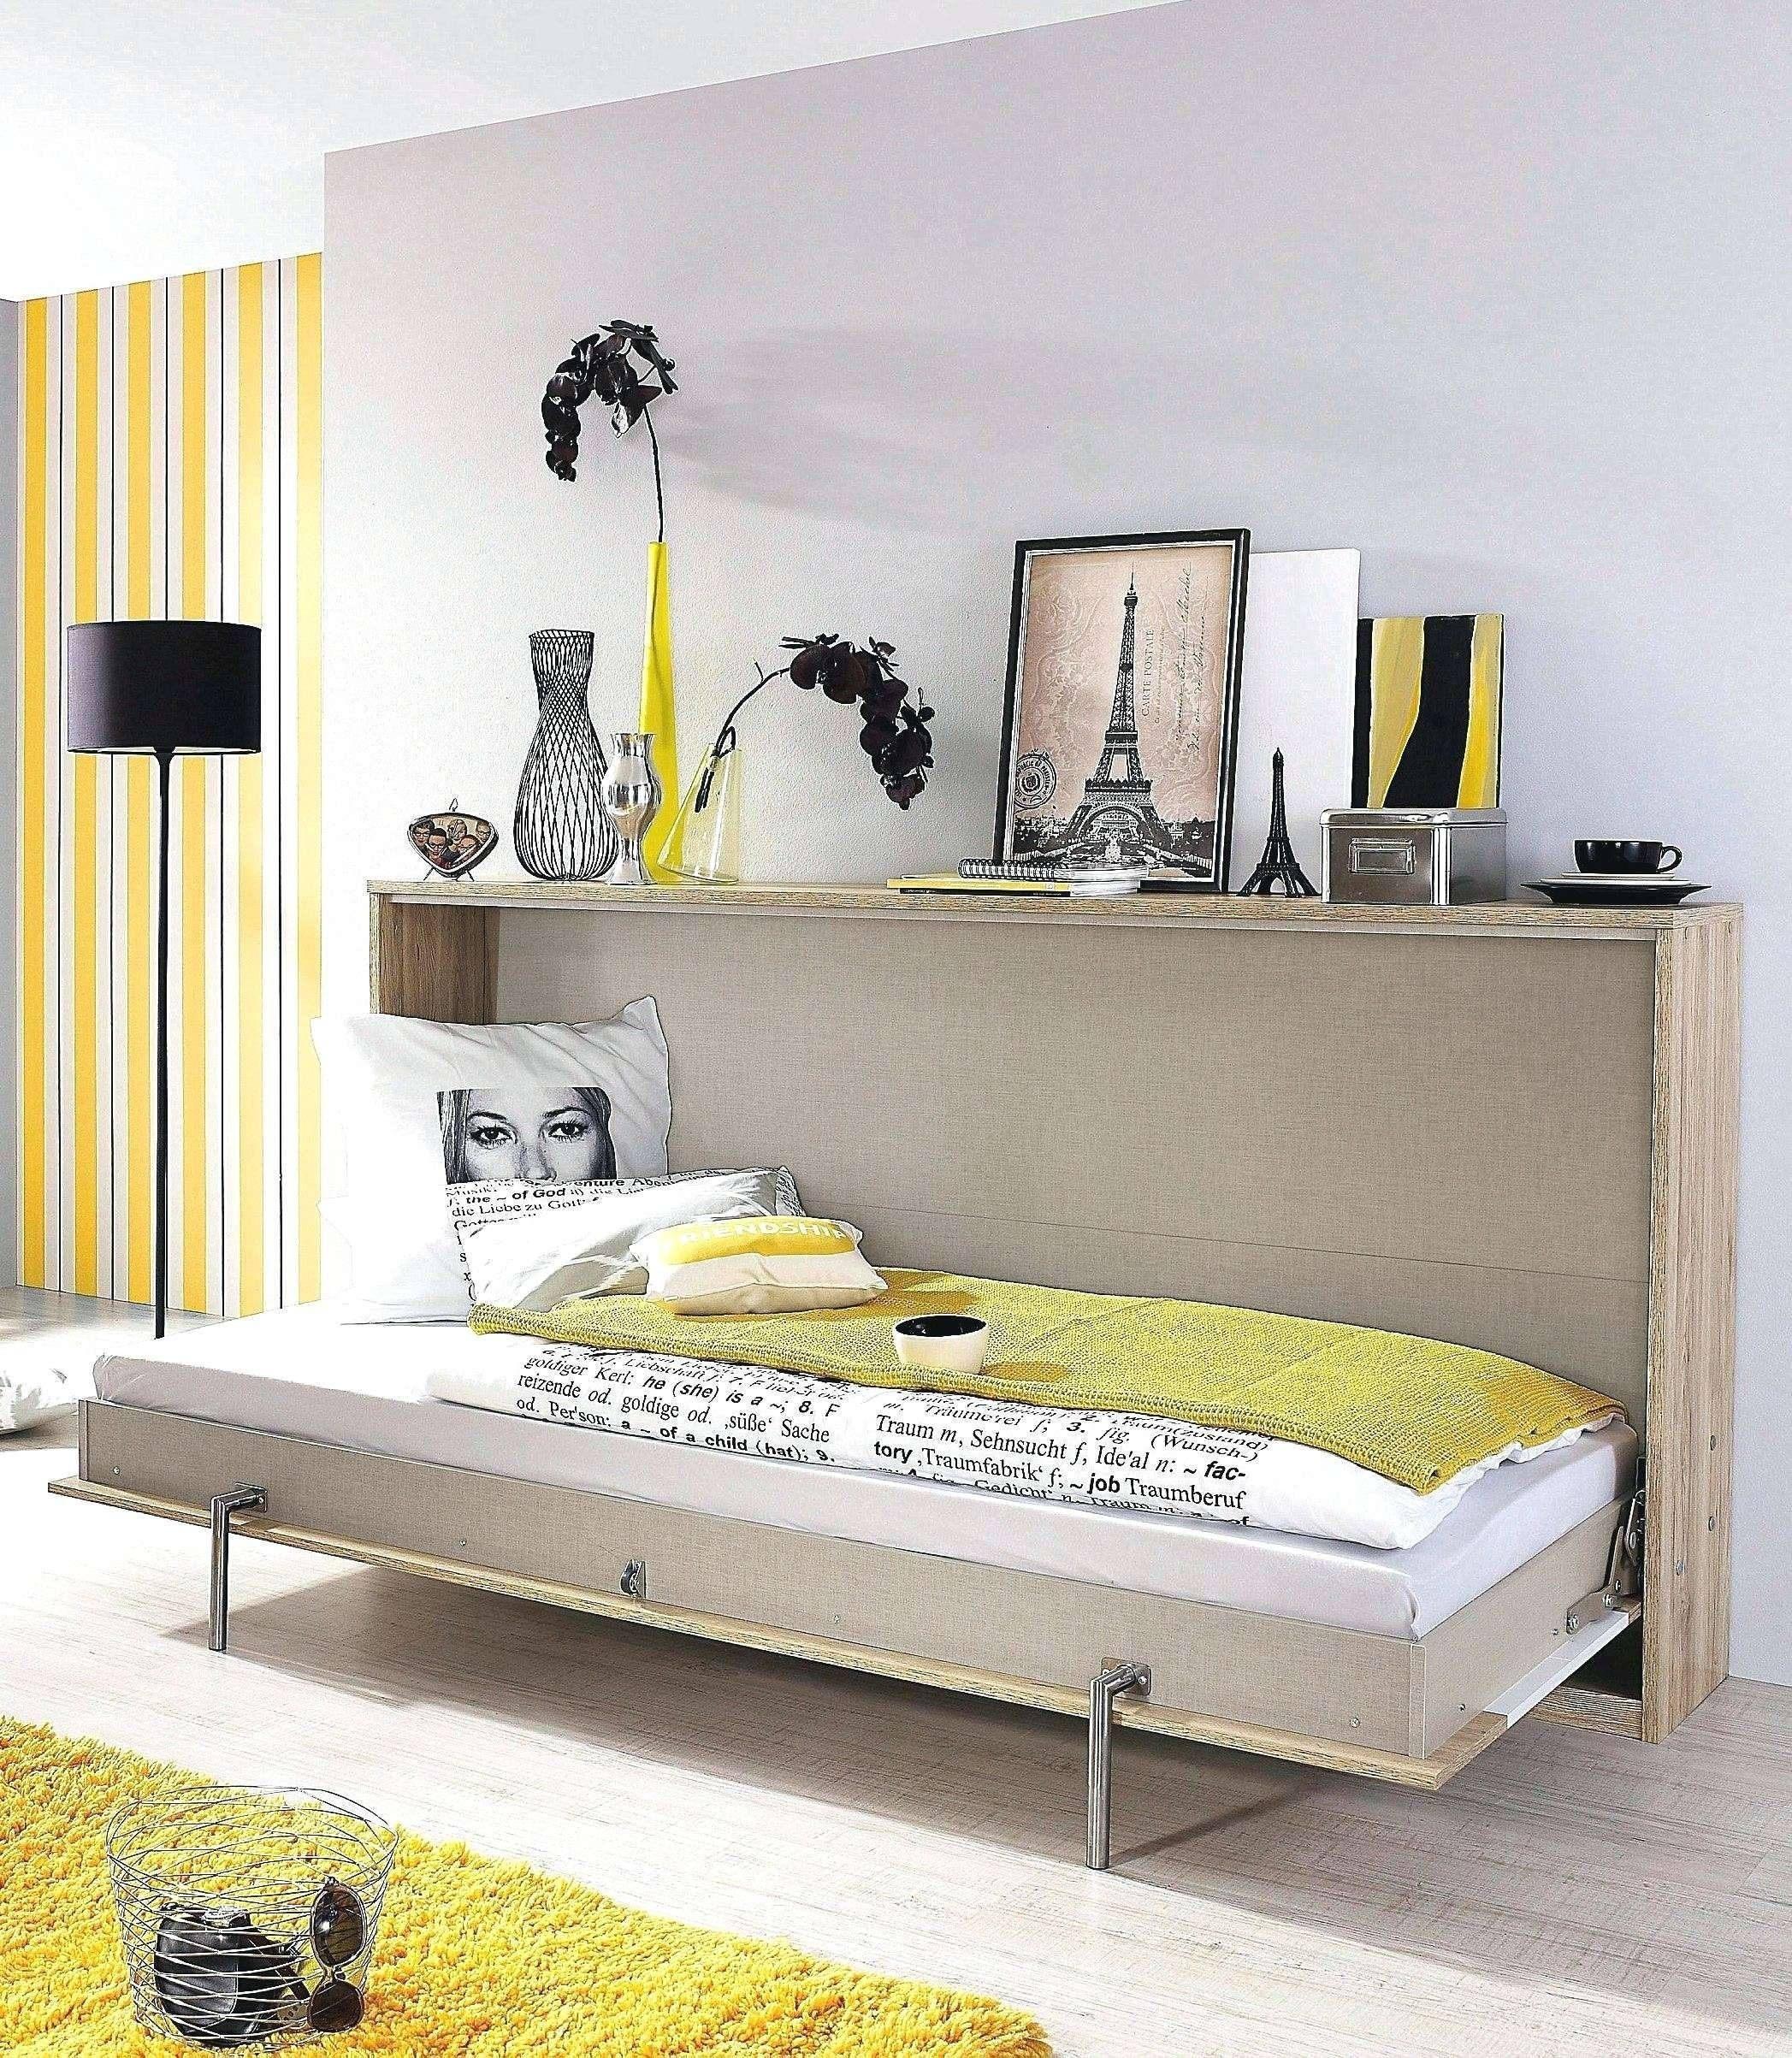 Lit 160x200 Design Inspirant Lit 160x200 Nouveau Magnifique 55 Concepts De Lit 160x200 Design